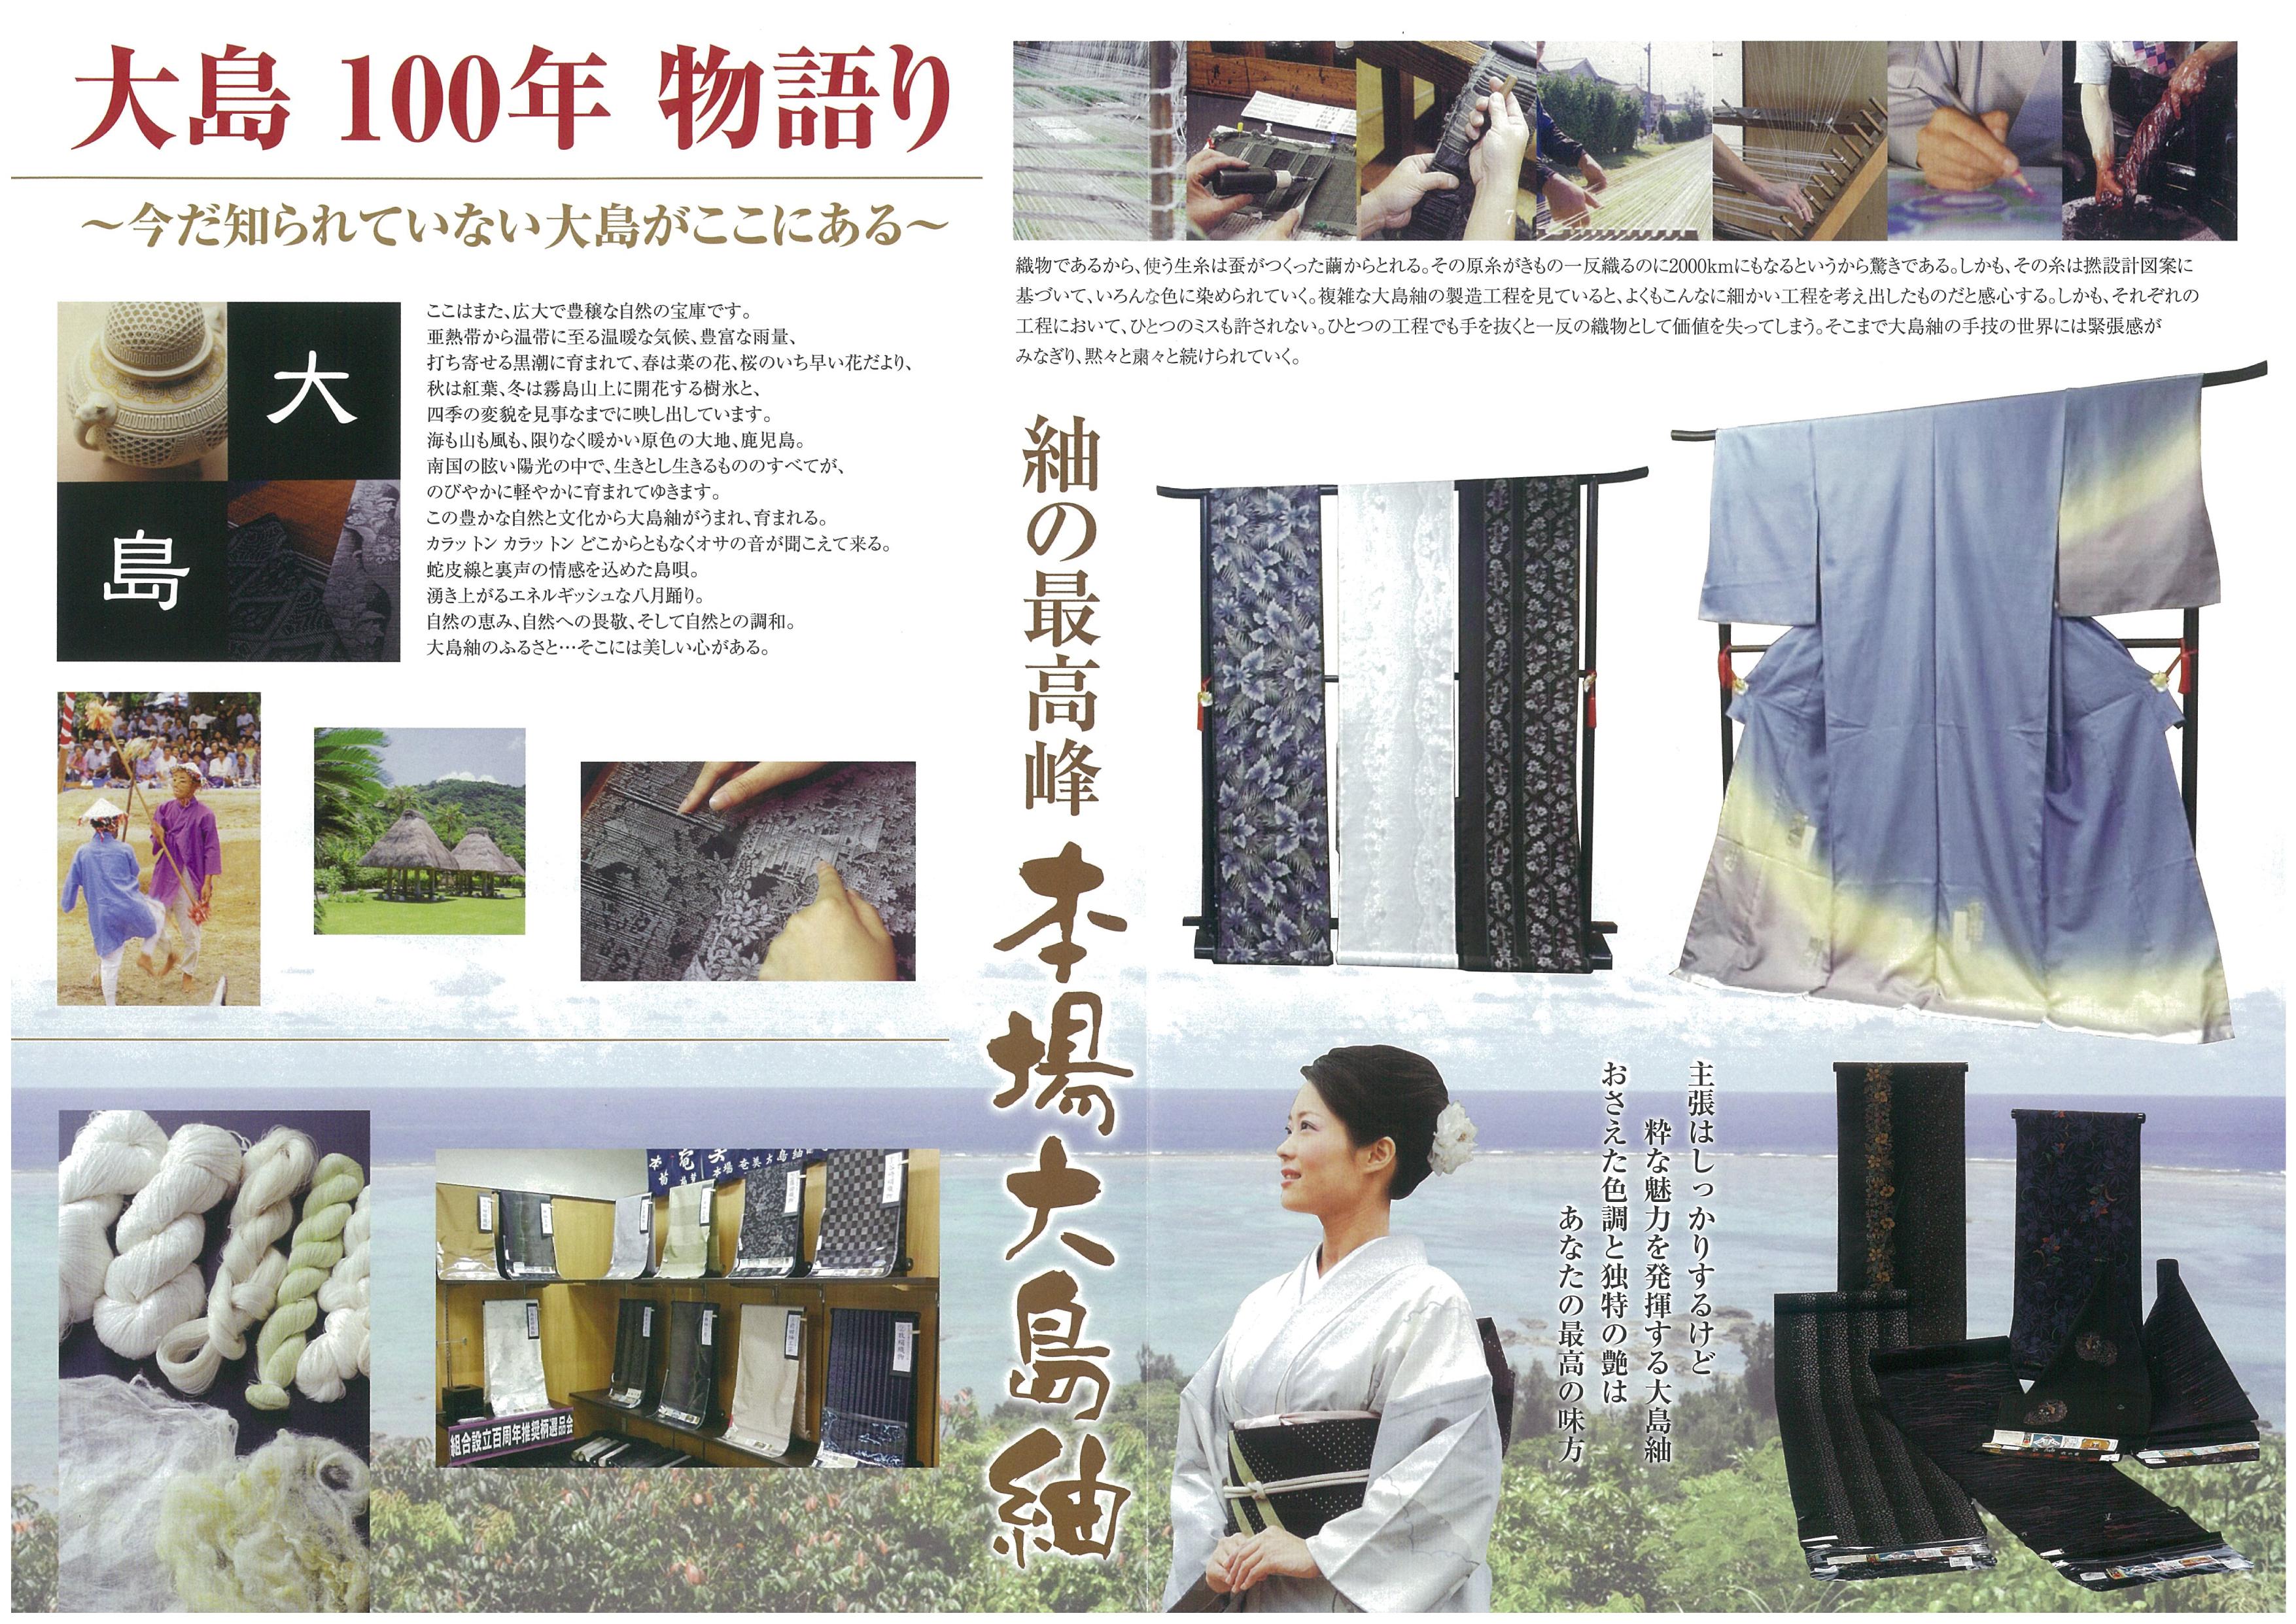 100年大島.jpg